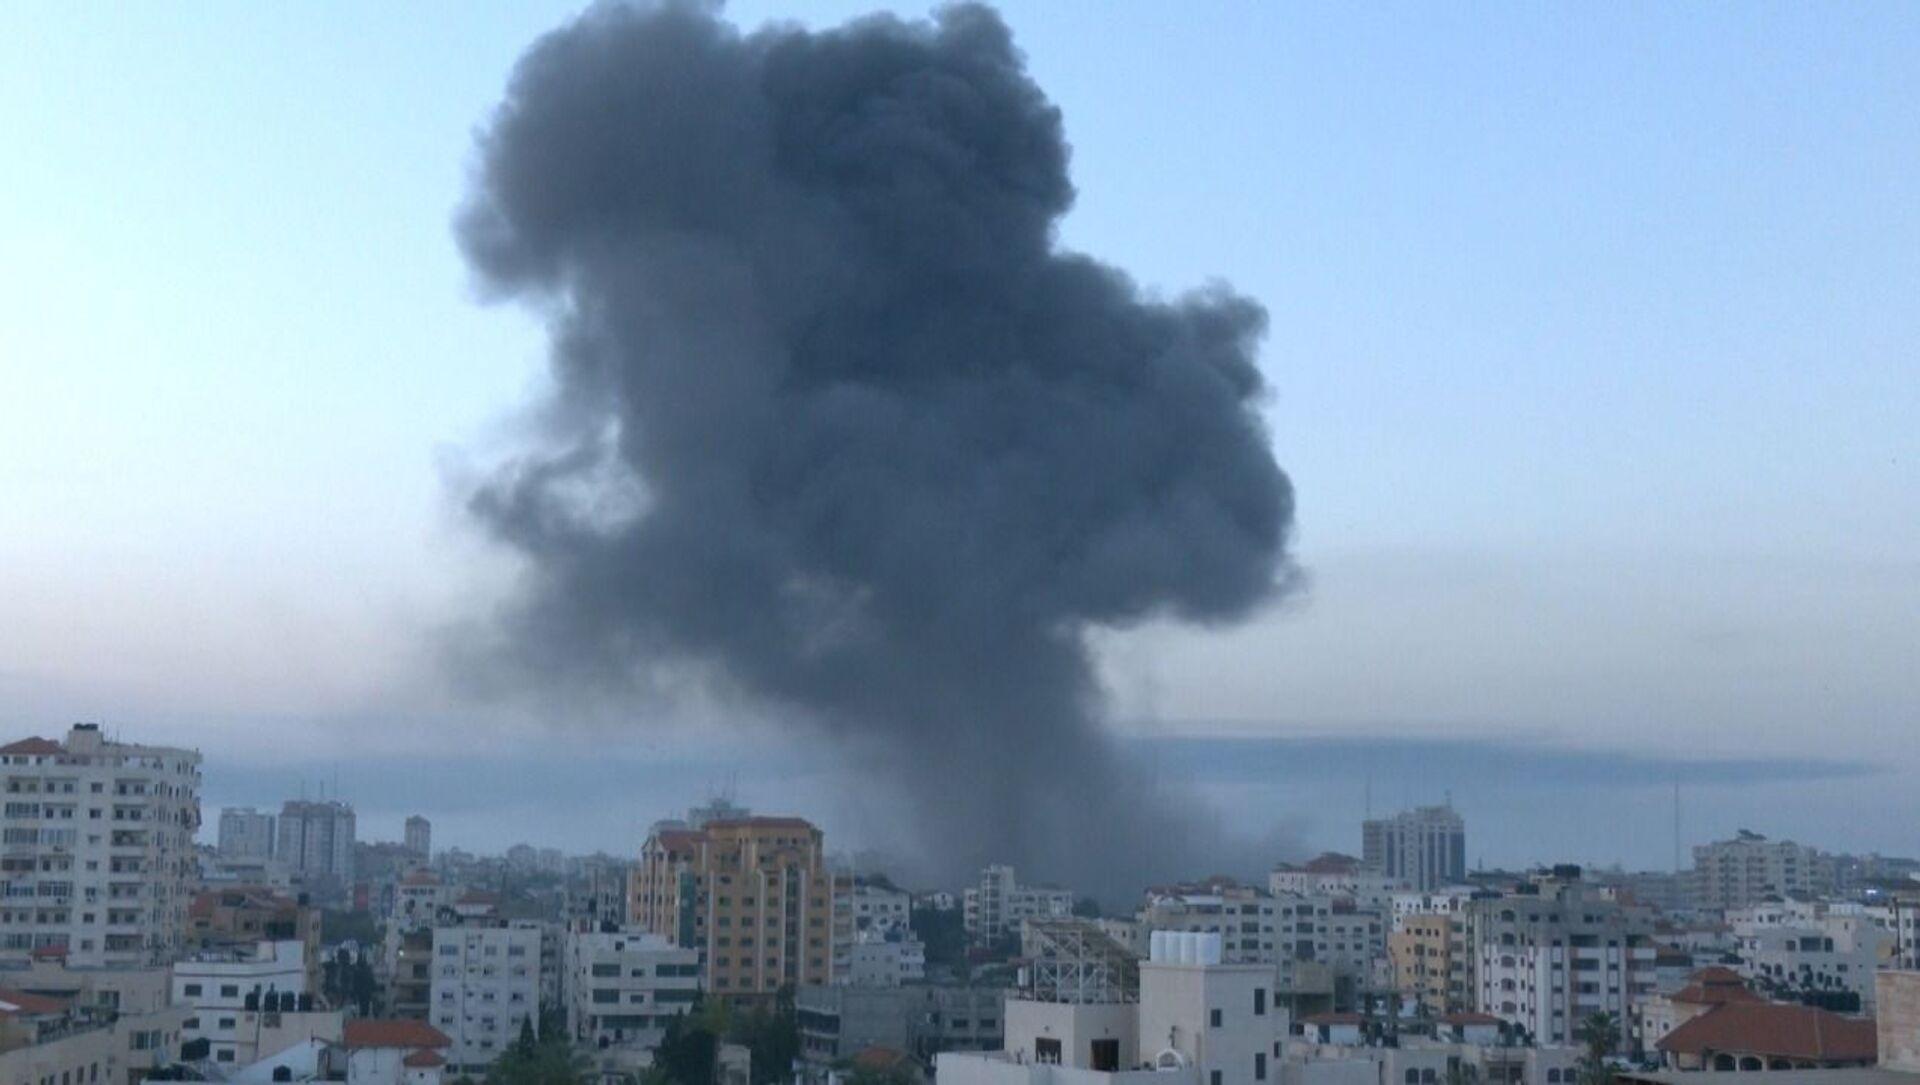 Israele ha anche effettuato numerosi attacchi contro la Striscia di Gaza per rappresaglia - Sputnik Italia, 1920, 13.05.2021